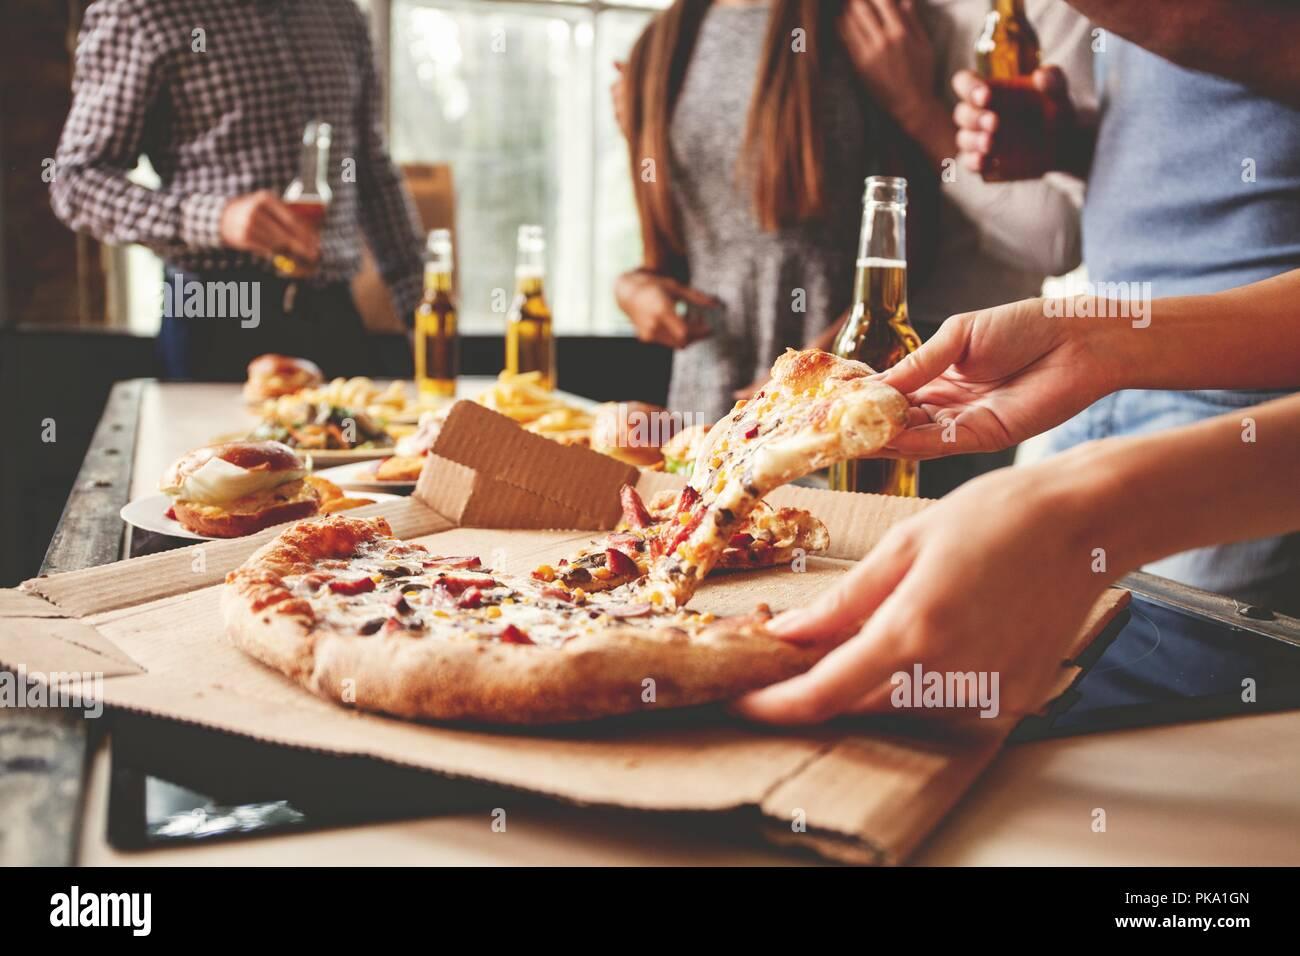 Freunde, die Scheiben der leckere Pizza von der Platte, die Ansicht zu schließen. Stockfoto